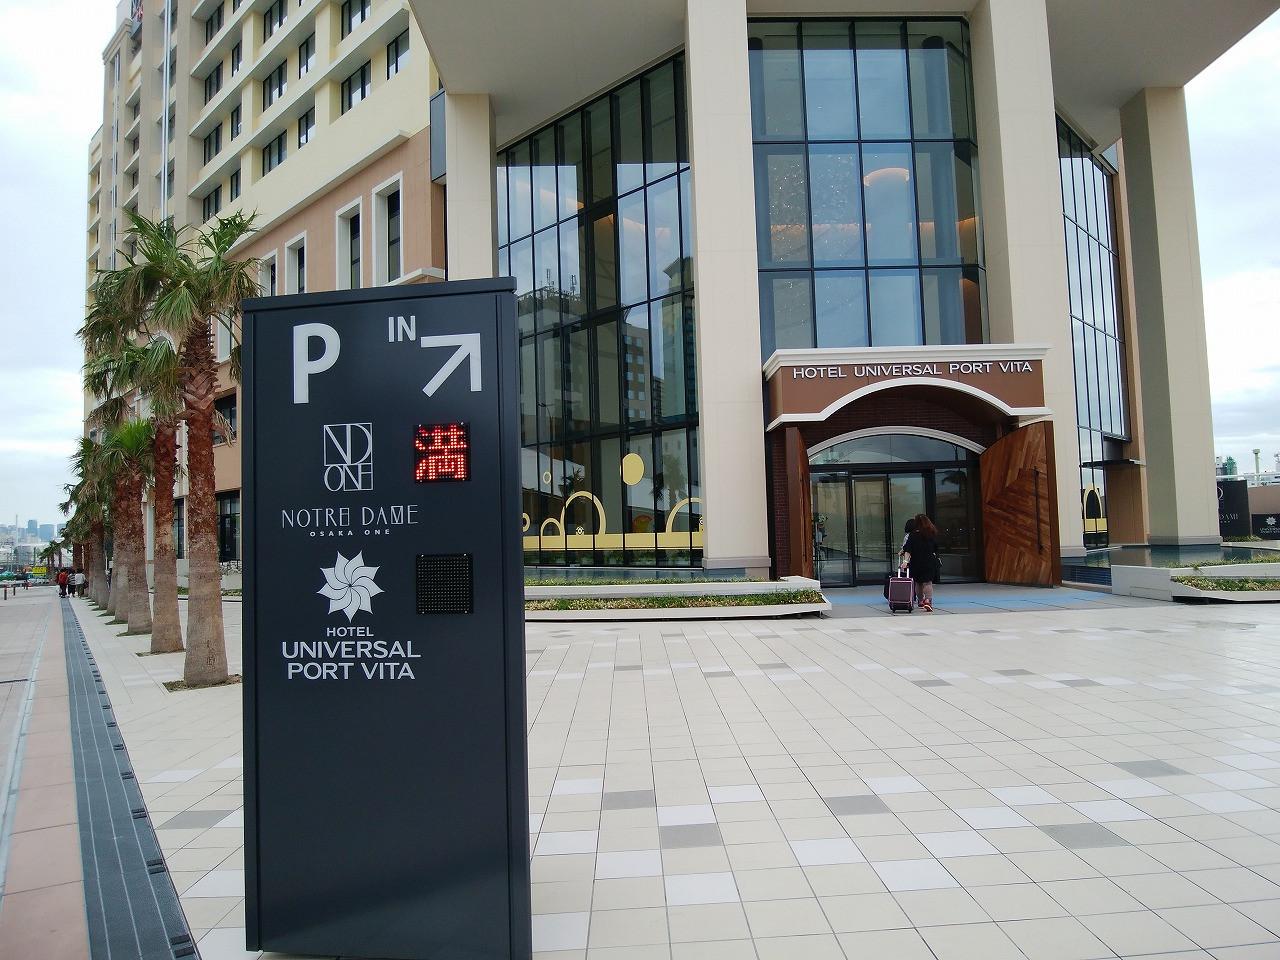 ポート ヴィータ ユニバーサル ホテル